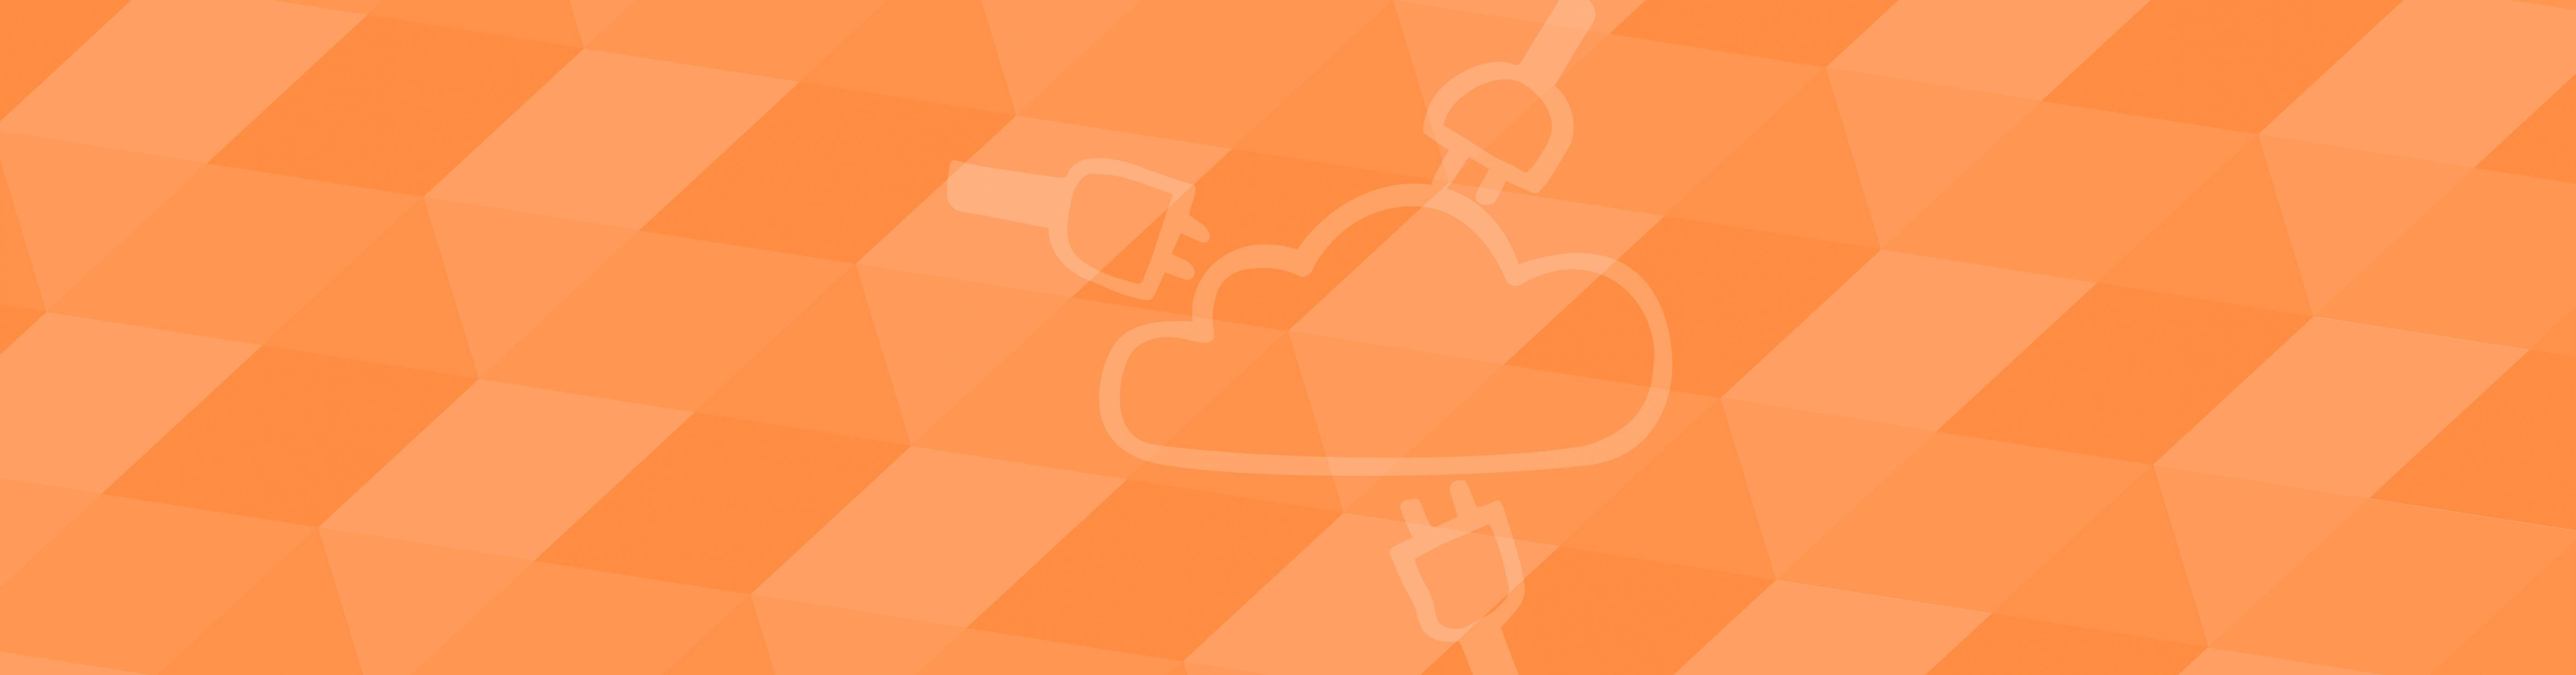 Does Salesforce Do HL7 or X12 Integration?